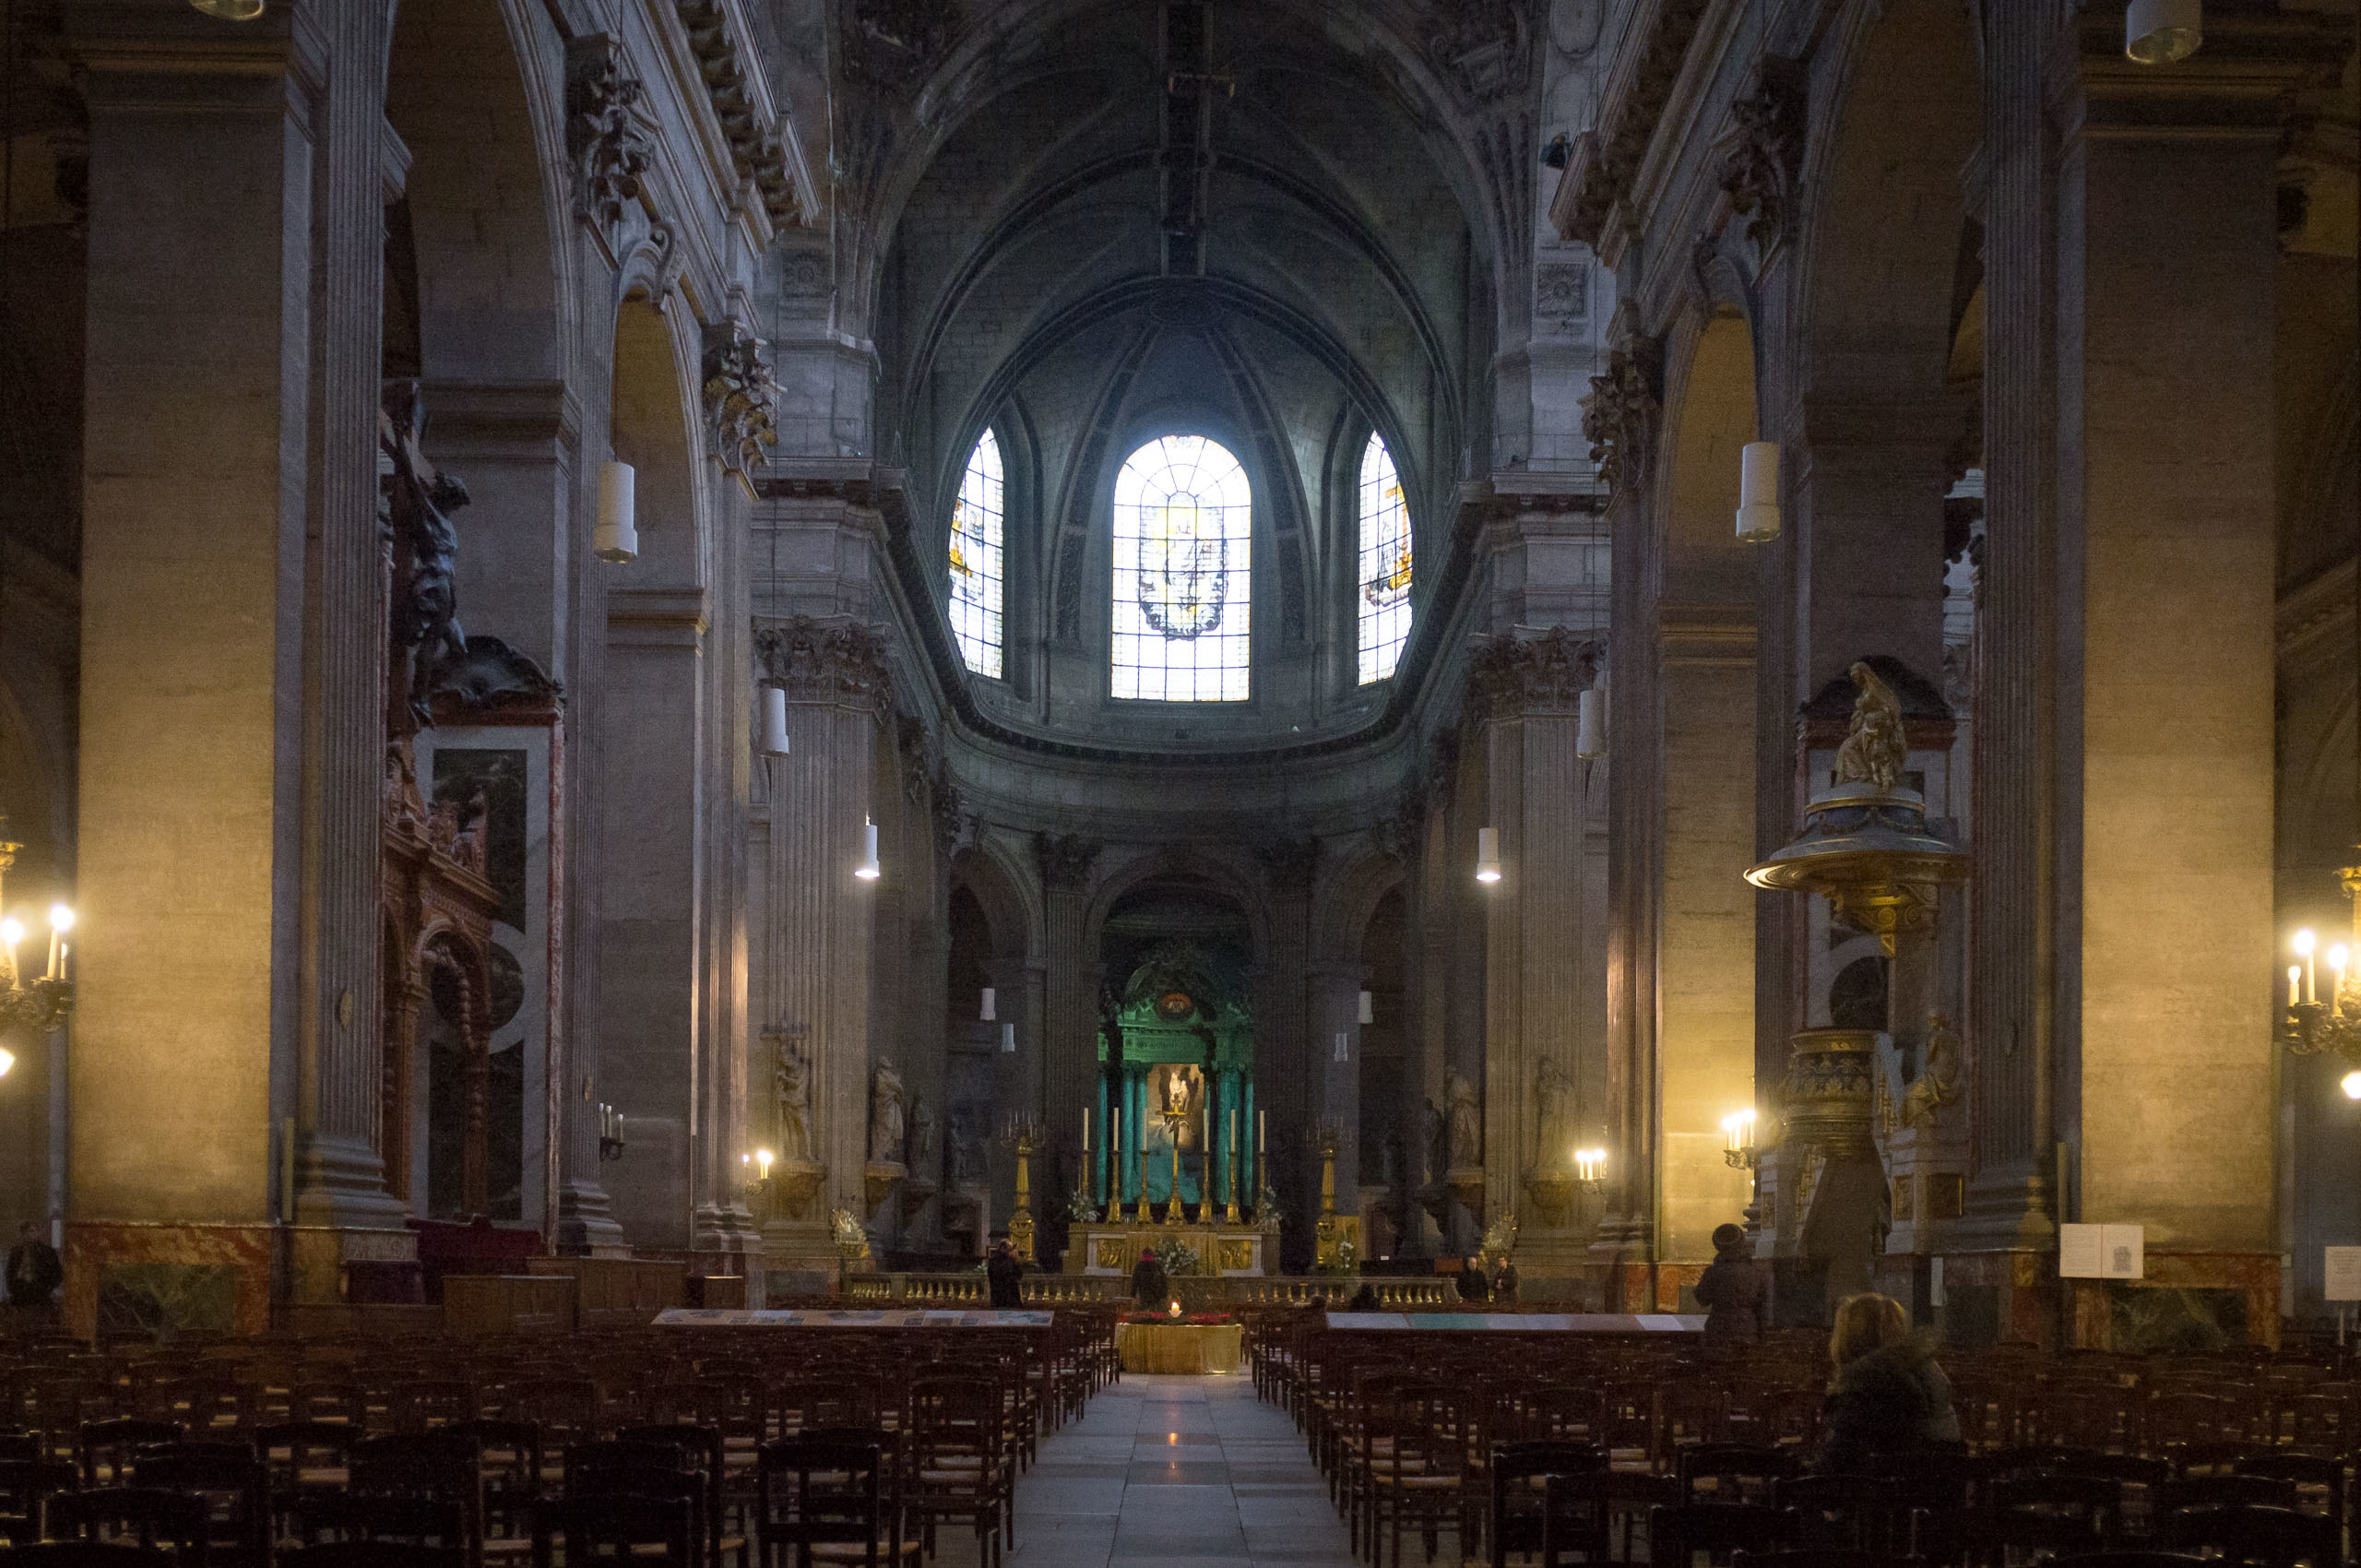 St. Sulpice, Paris